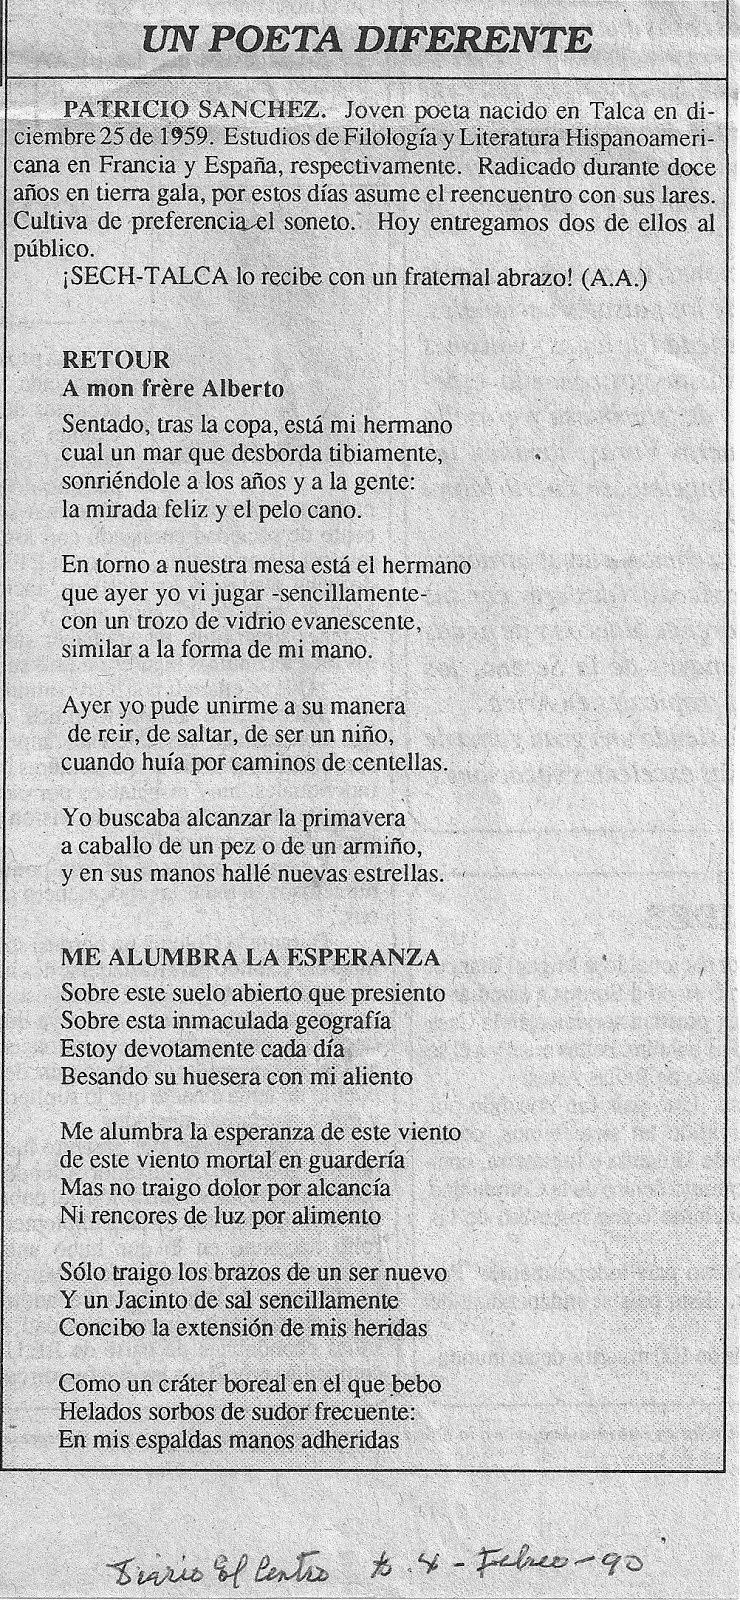 Poemas de Patricio SANCHEZ (Talca, Chile)